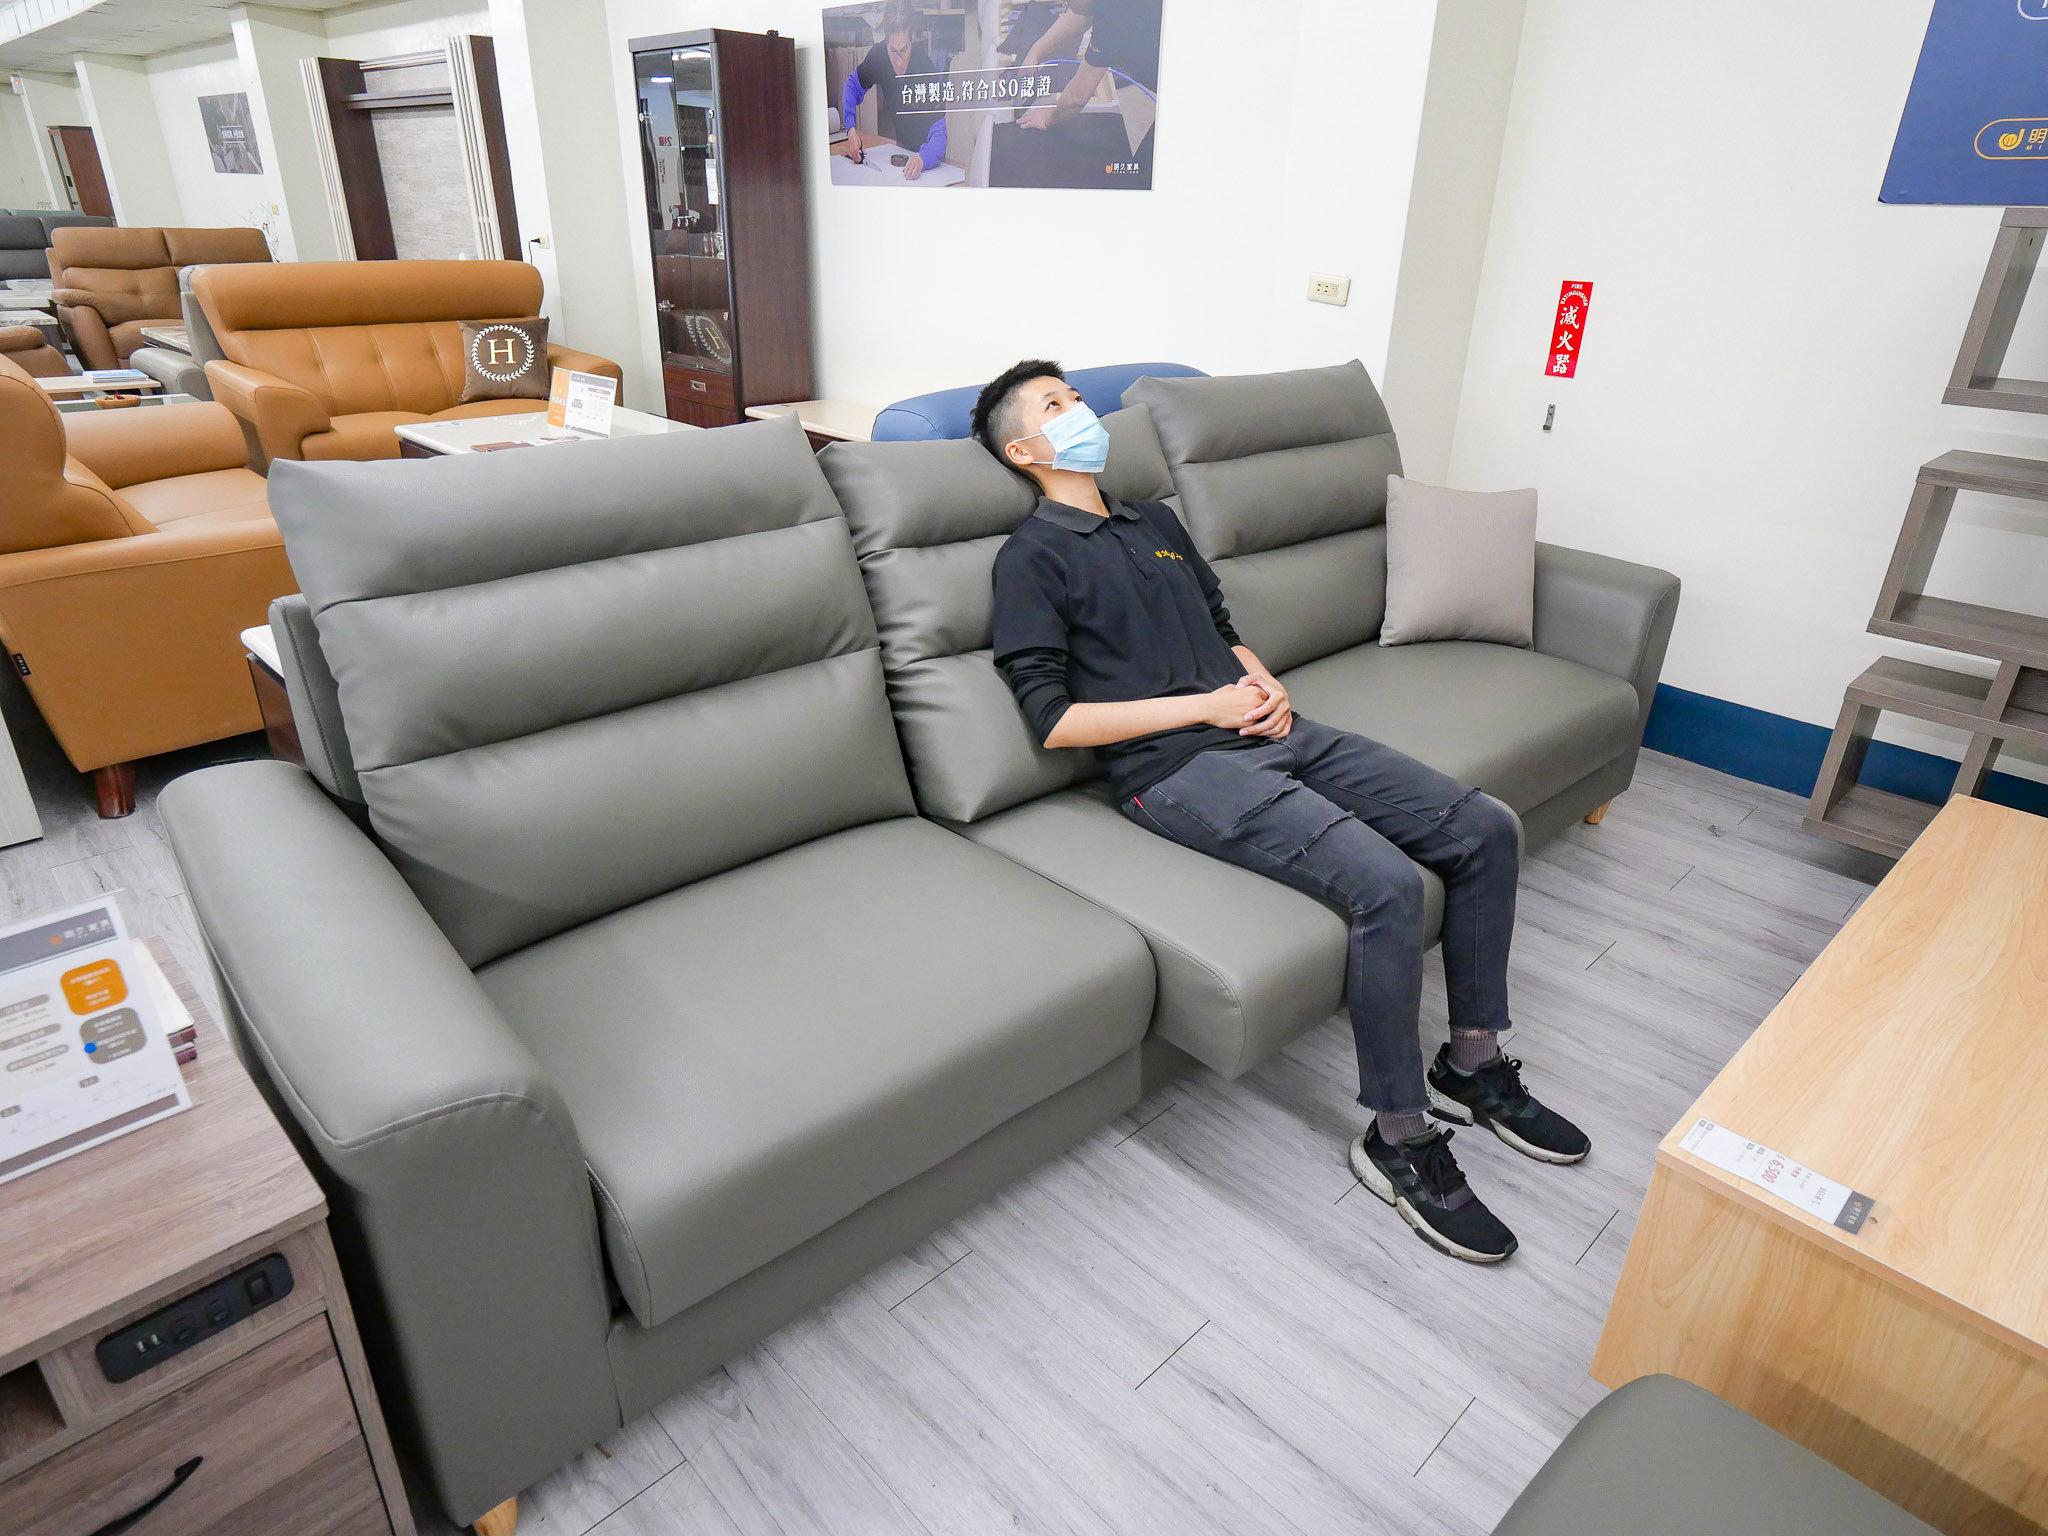 明久專業顧問團隊為客人示範沙發使用